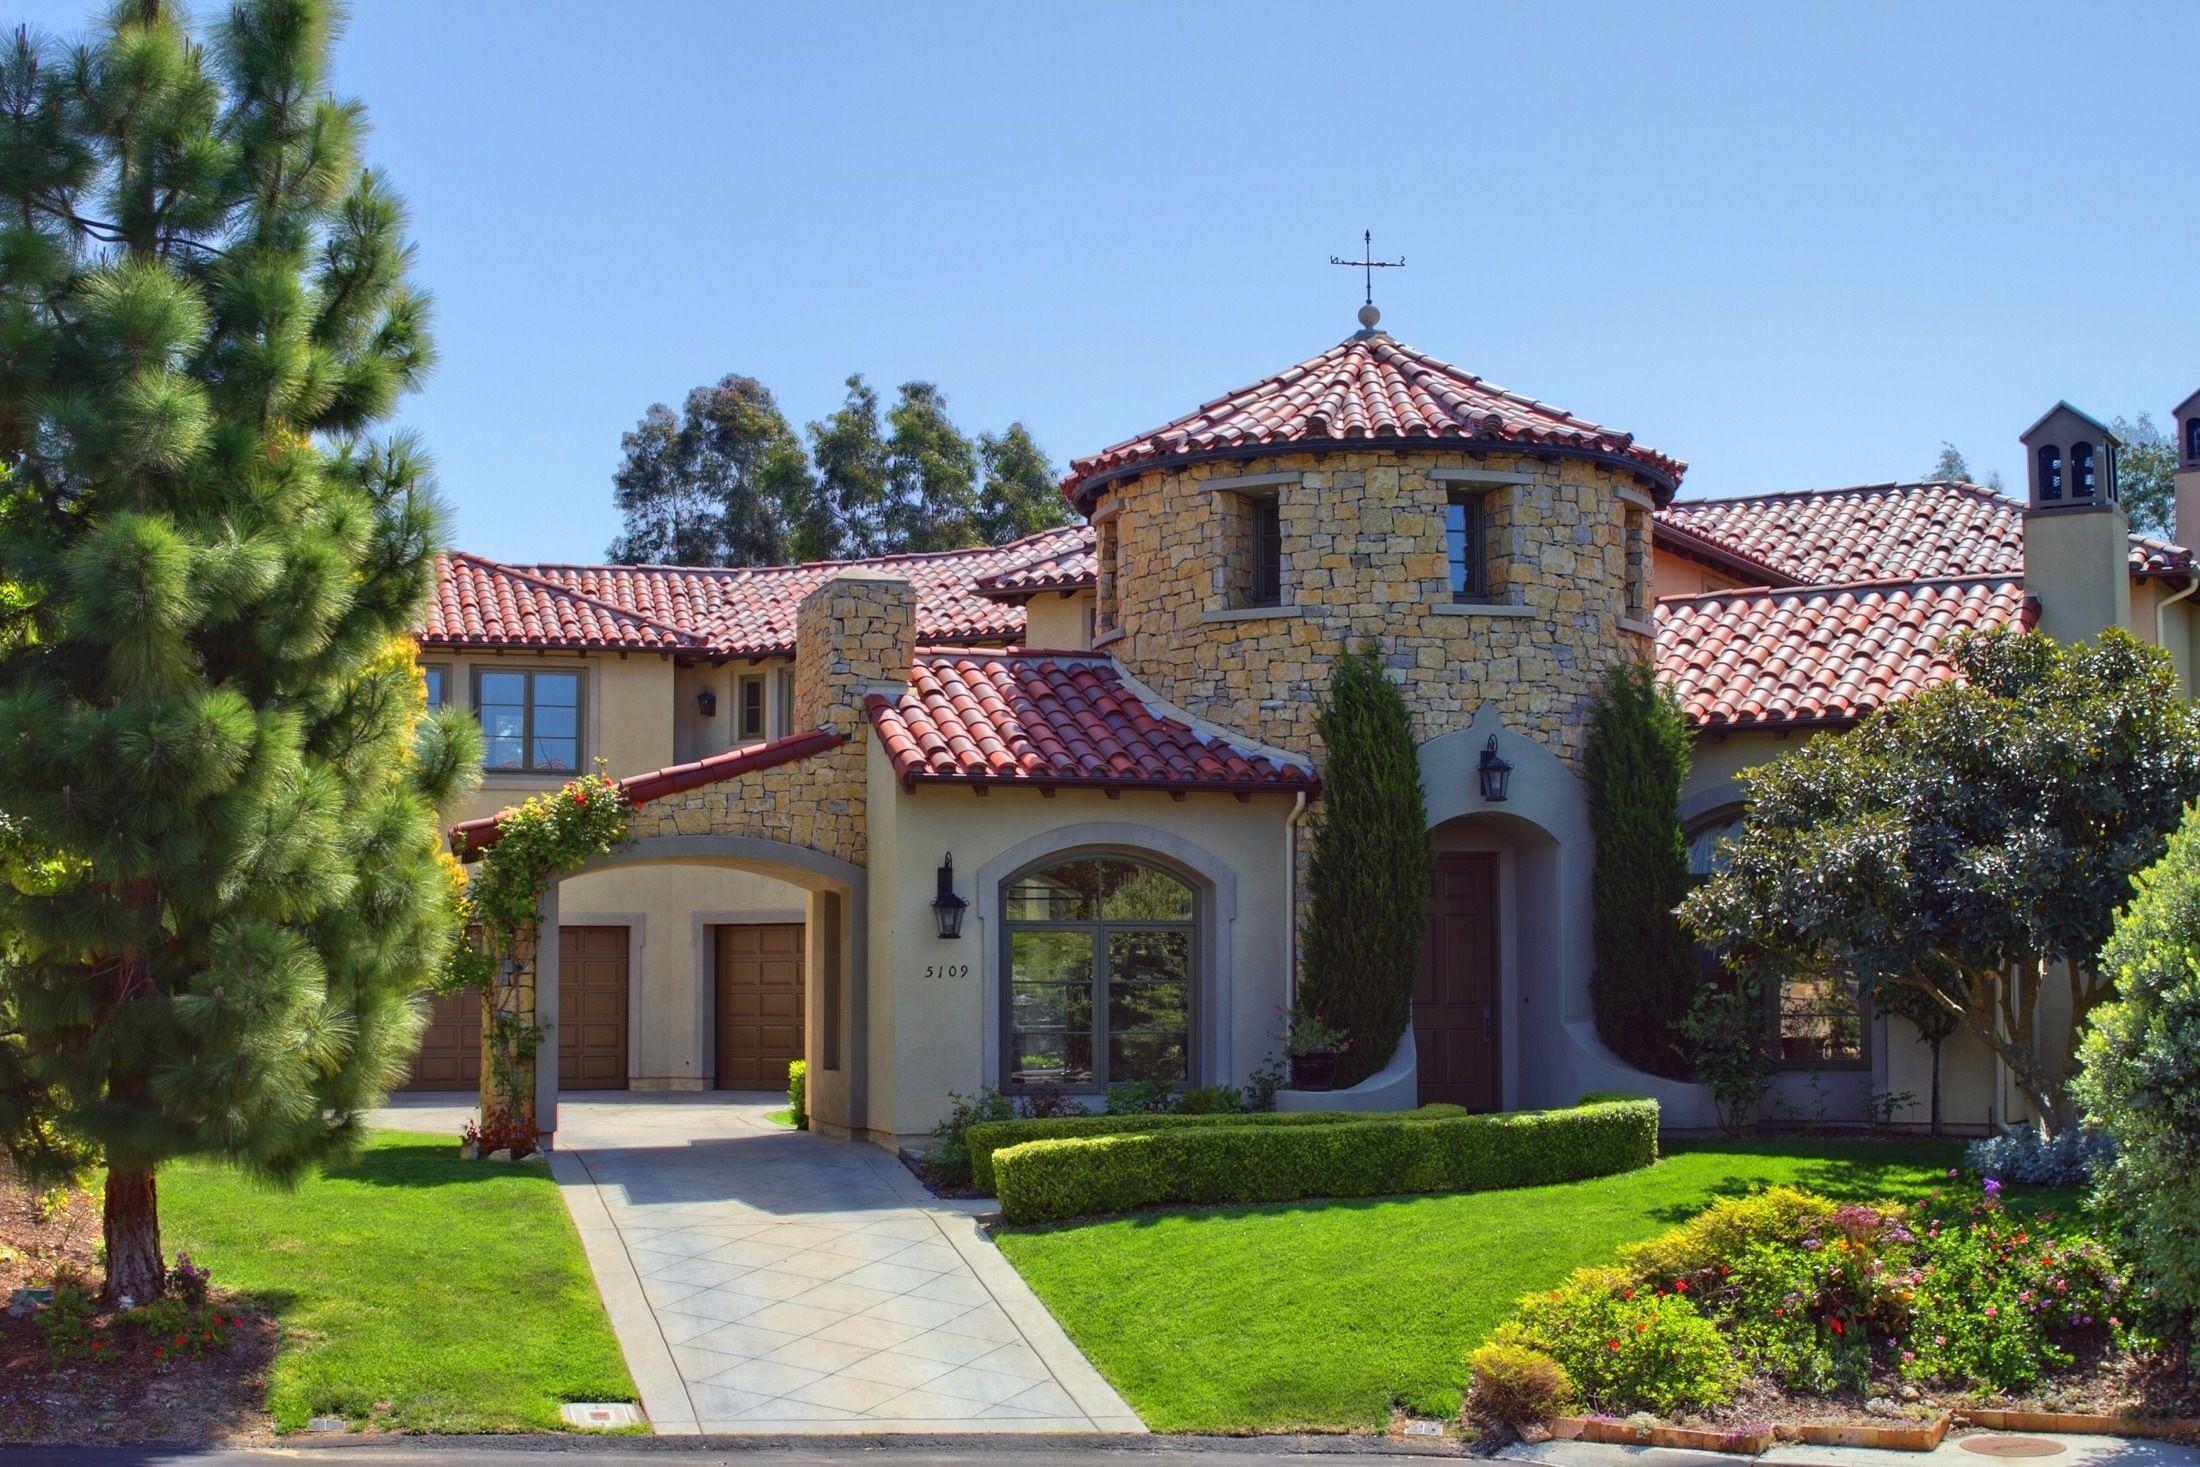 del cerro san diego ca real estate market report 2017 u003e san